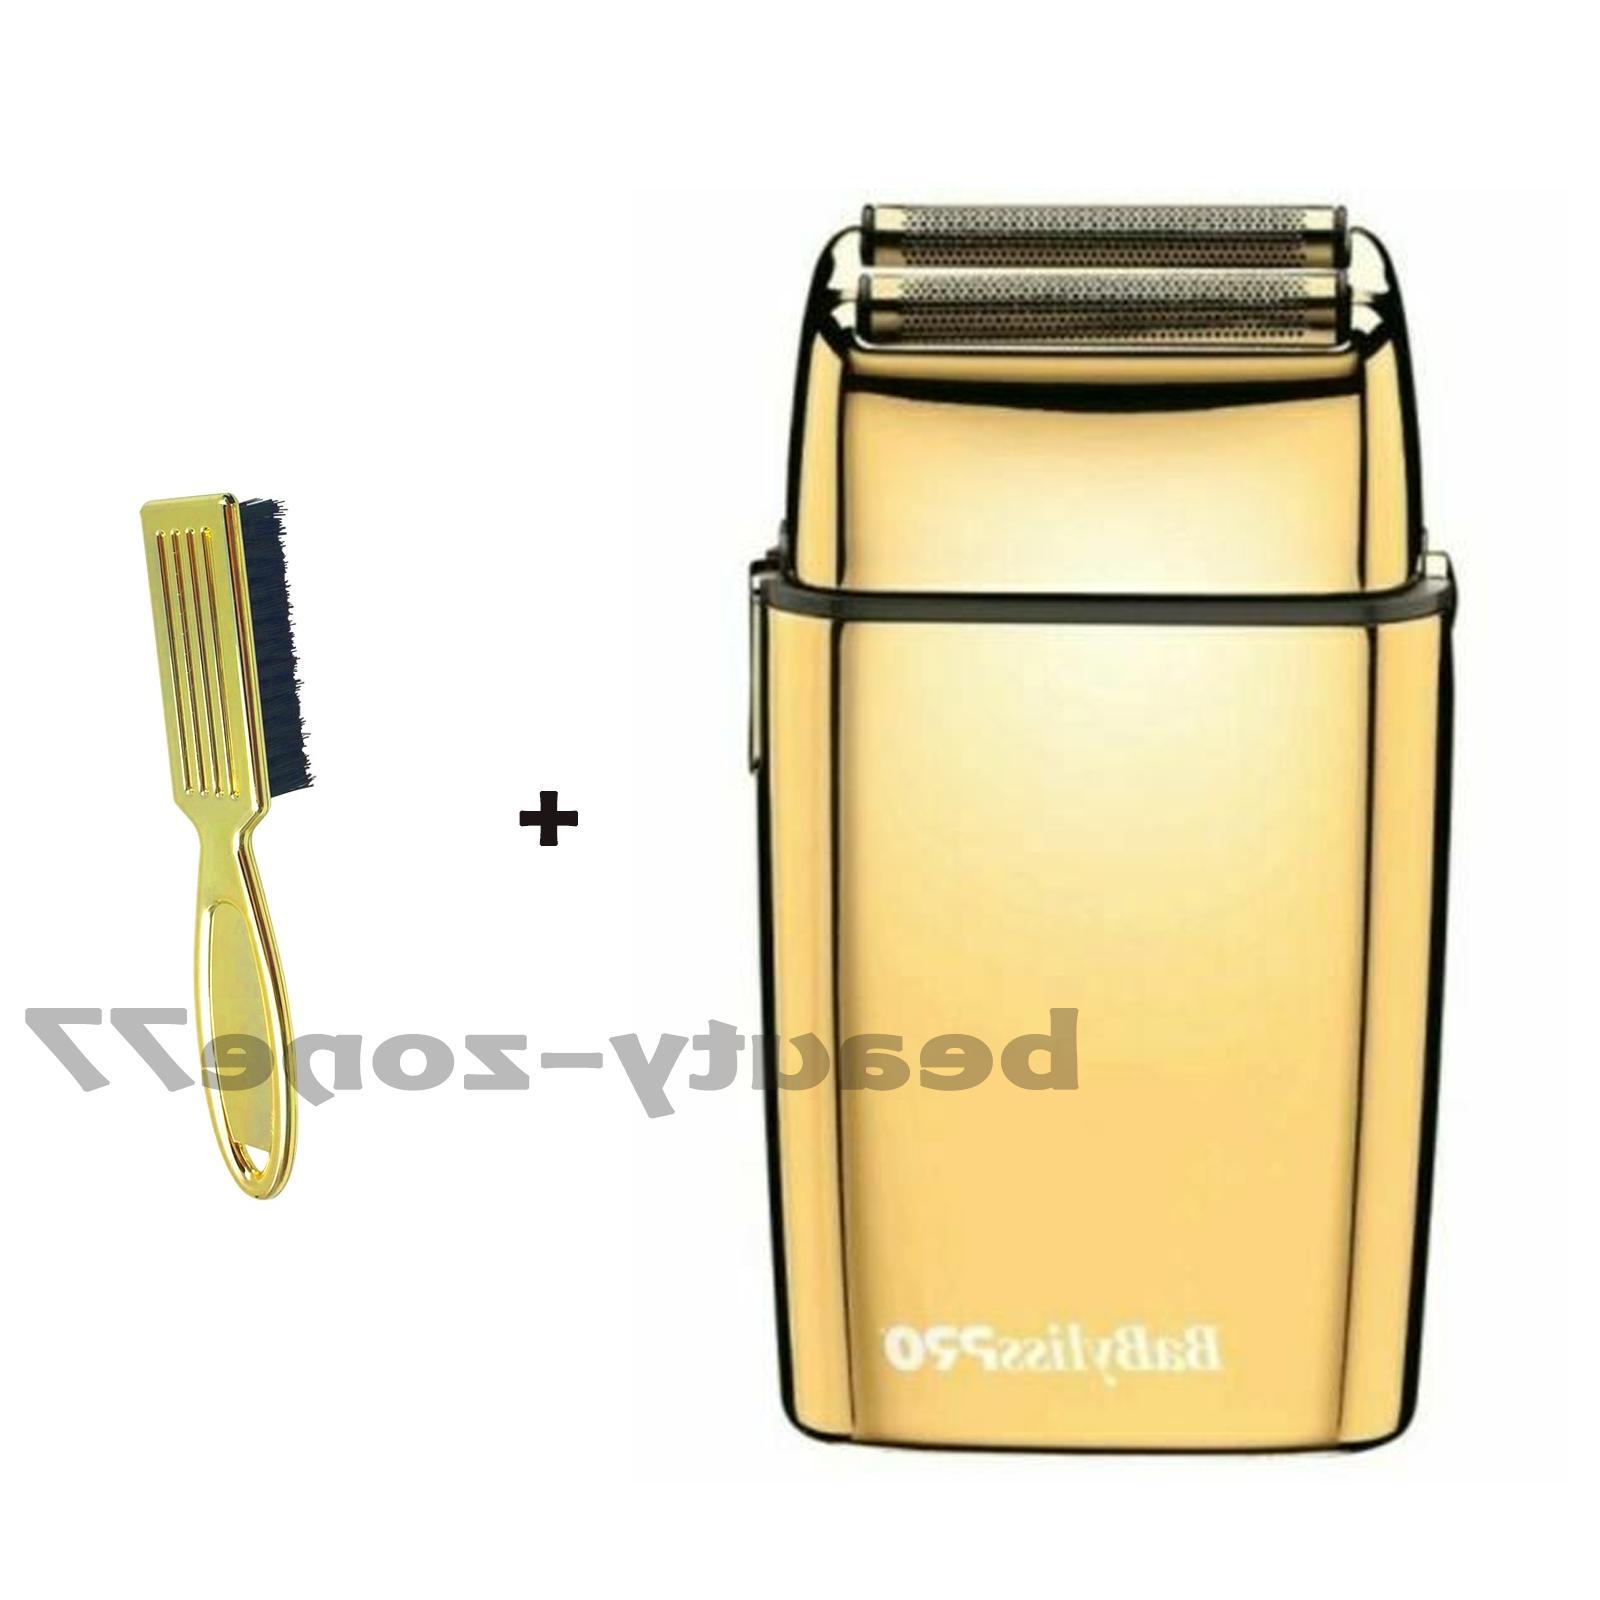 foilfx02 cordless metal gold double foil shaver